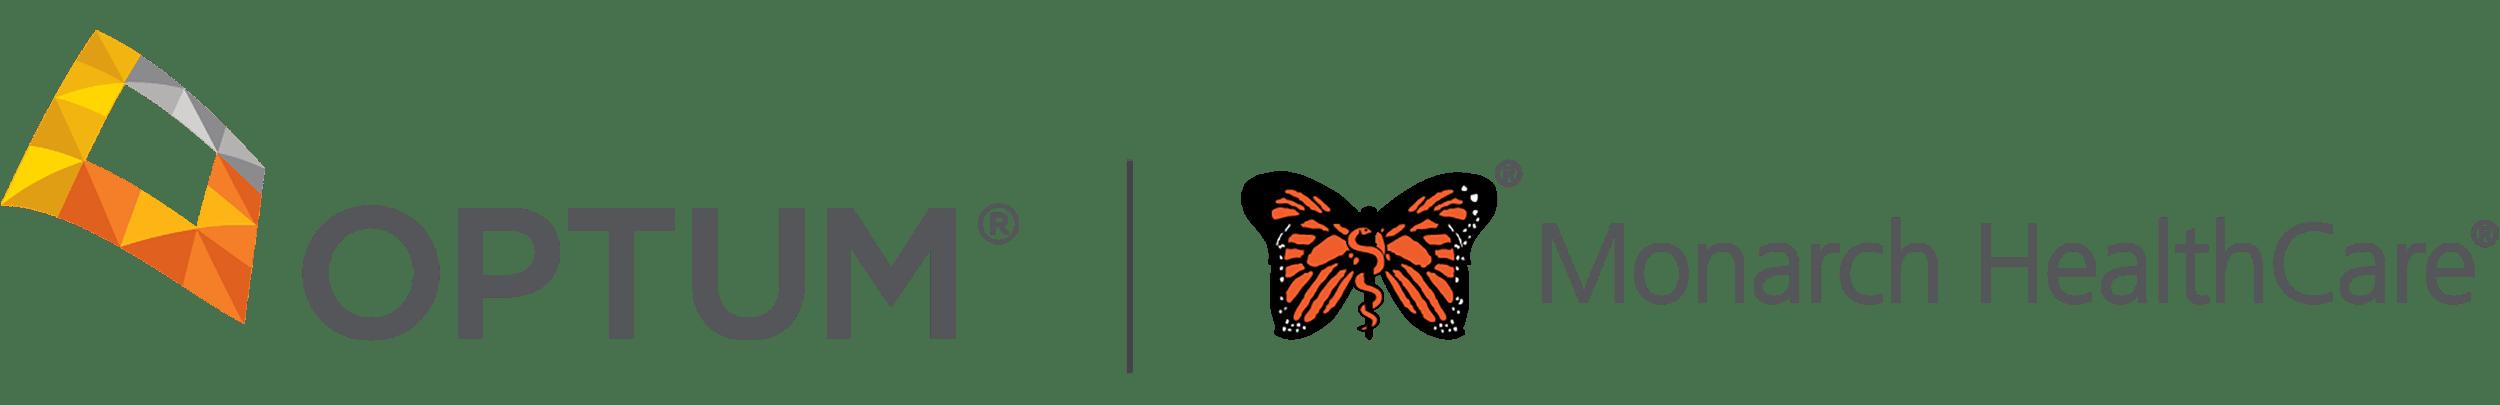 monarch-healthcare-logo